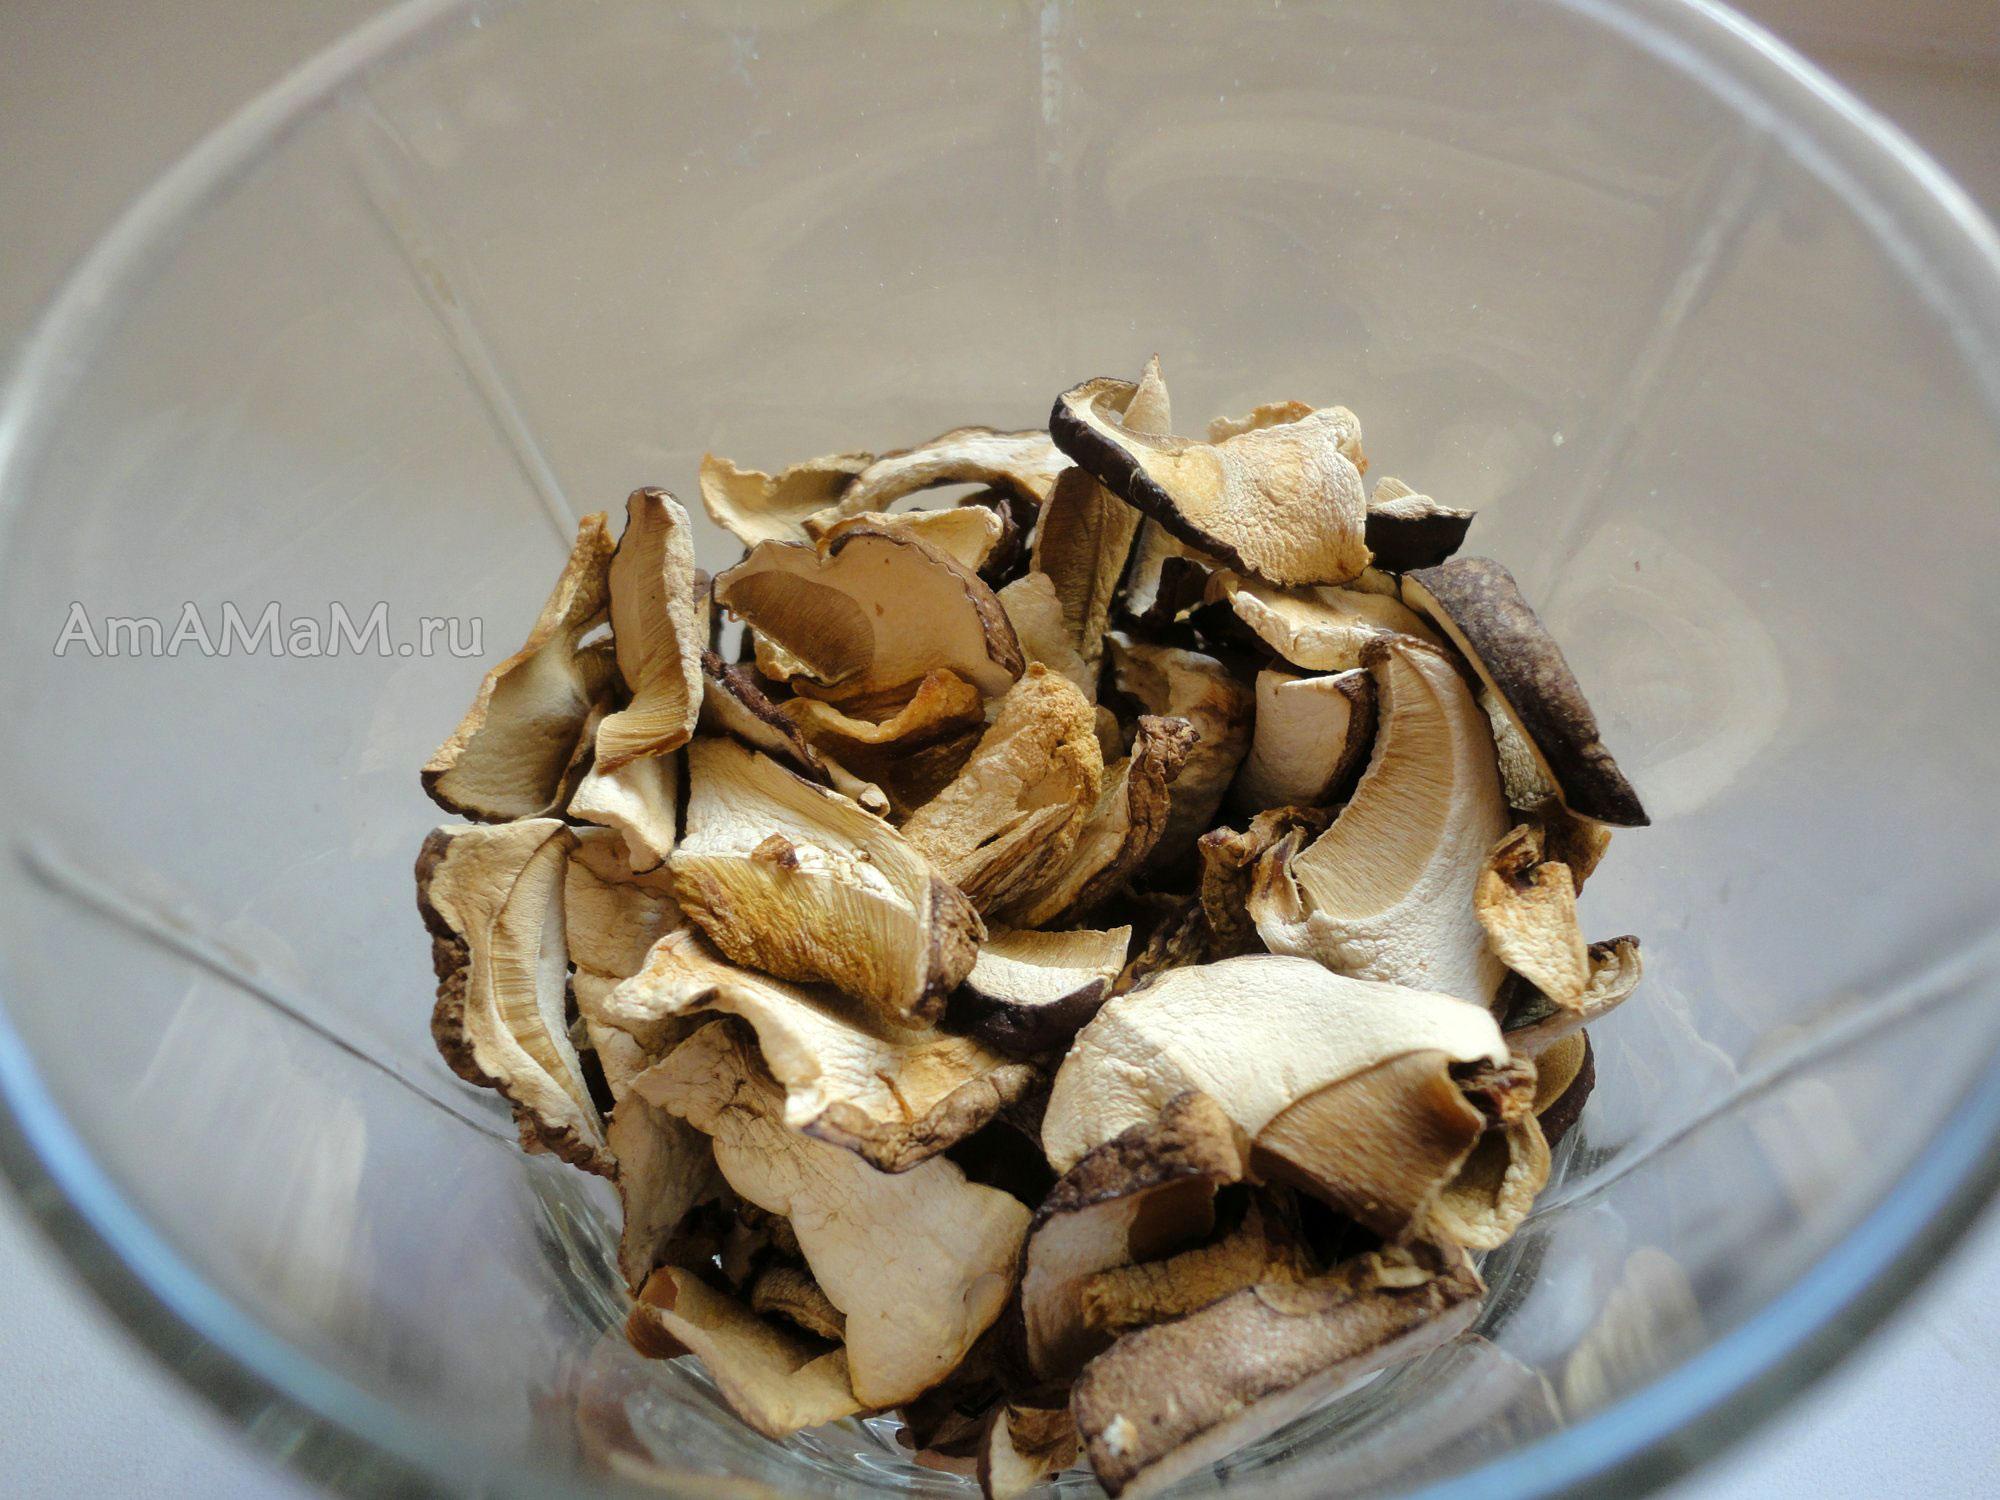 Белый гриб сухой рецепты пошагово